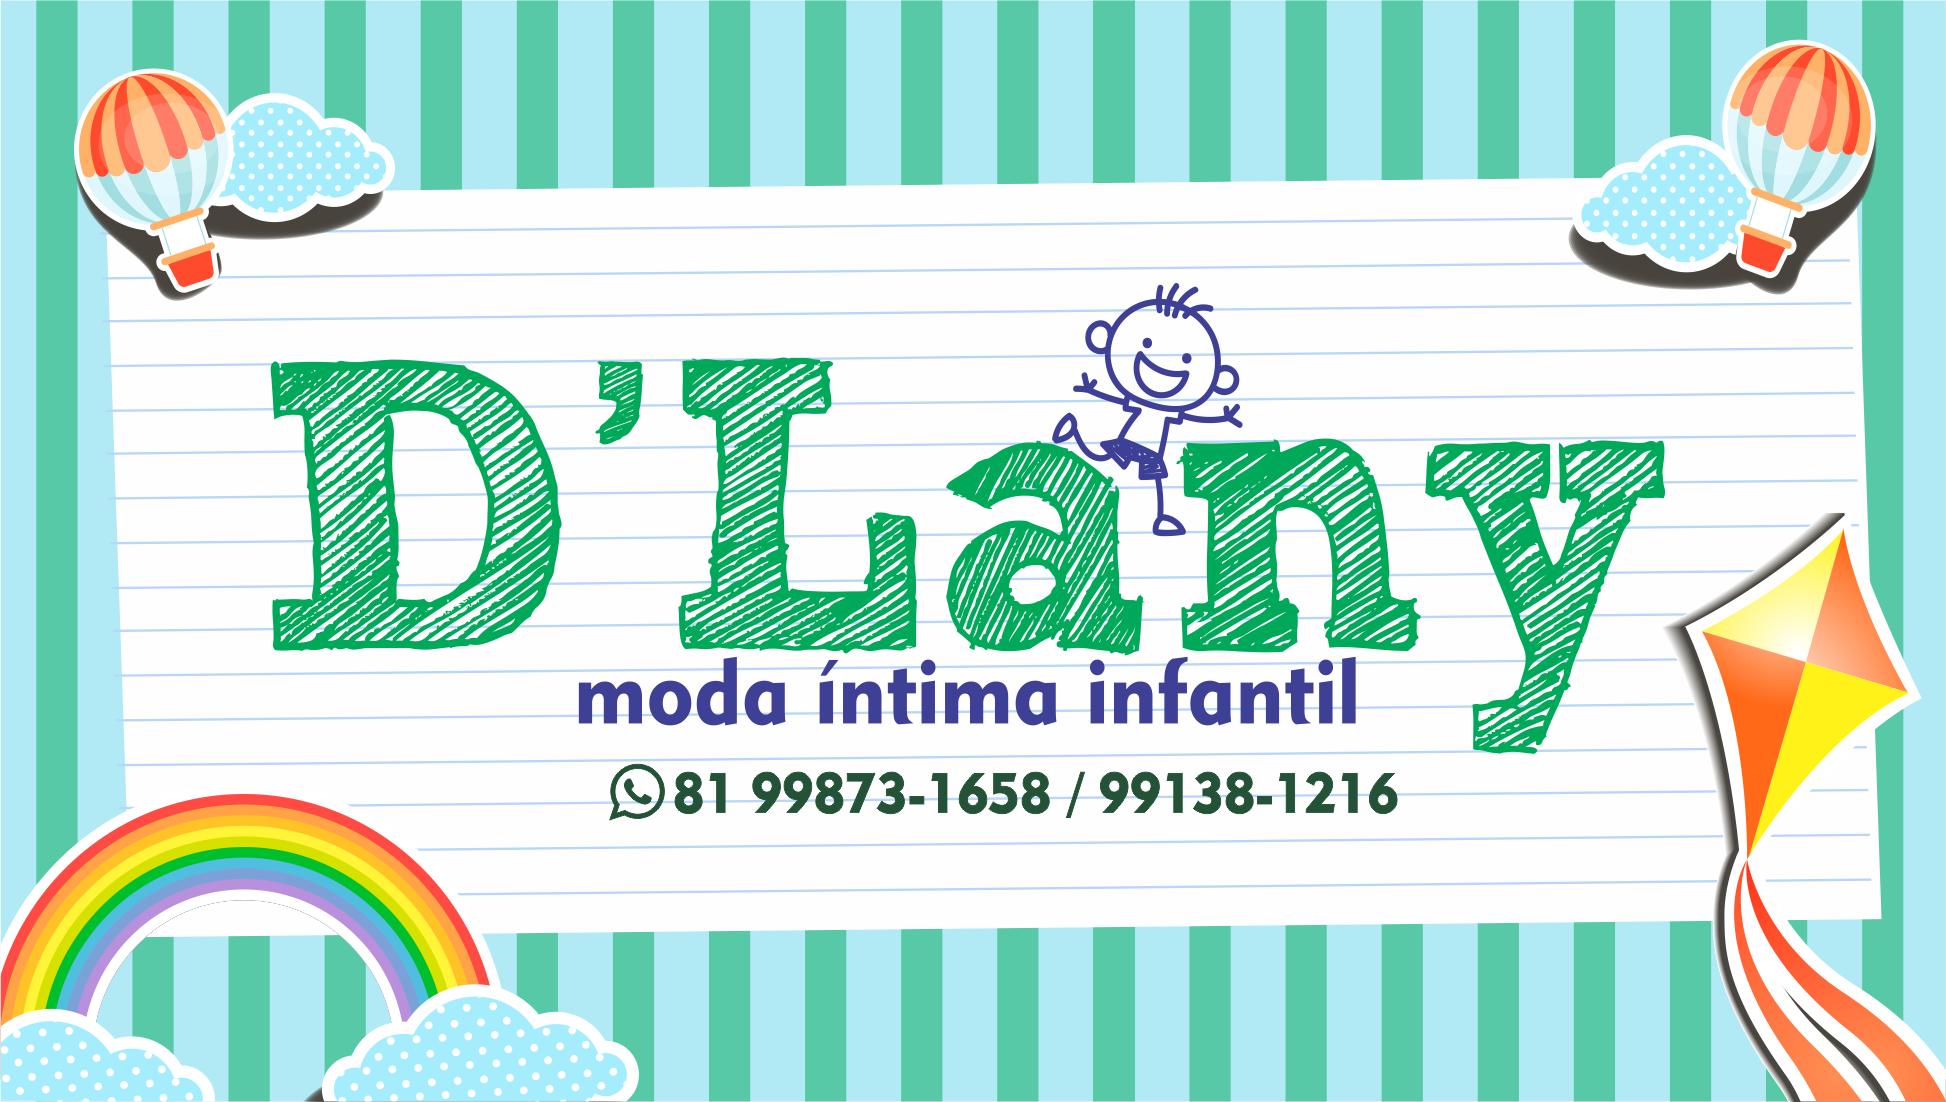 D'Lany Moda Intima